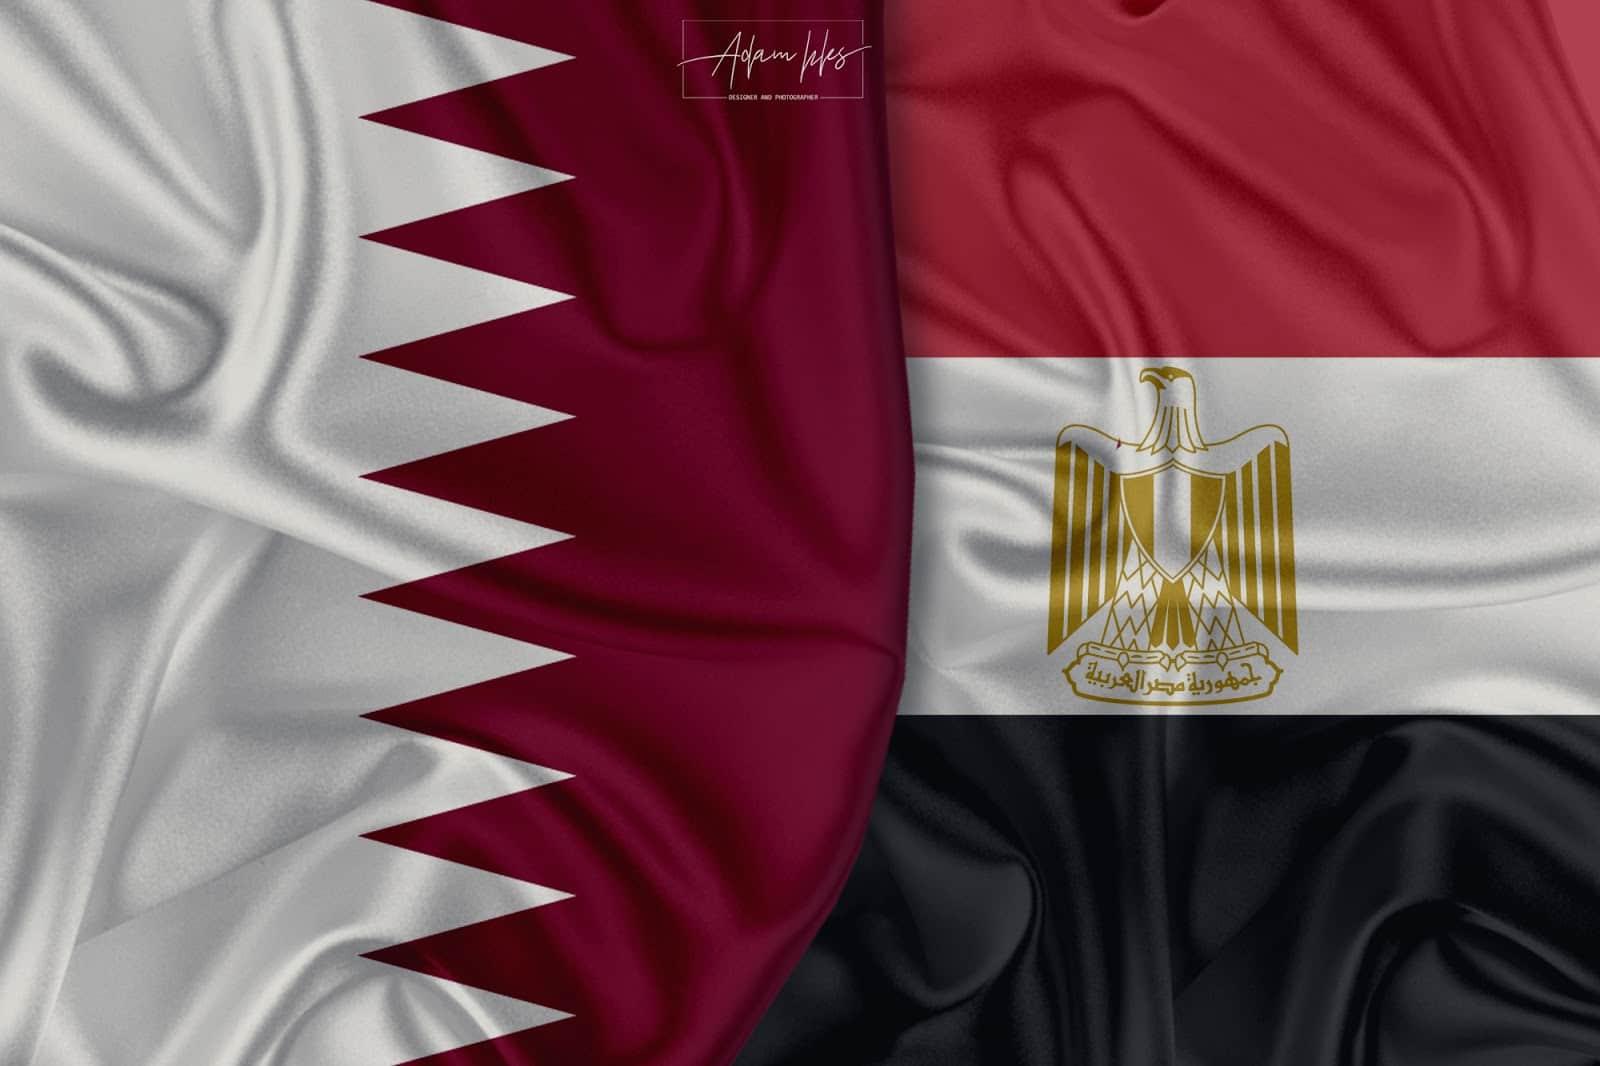 أول صورة لوزير الخارجية القطري مع نظيره المصري في القاهرة منذ عام 2017